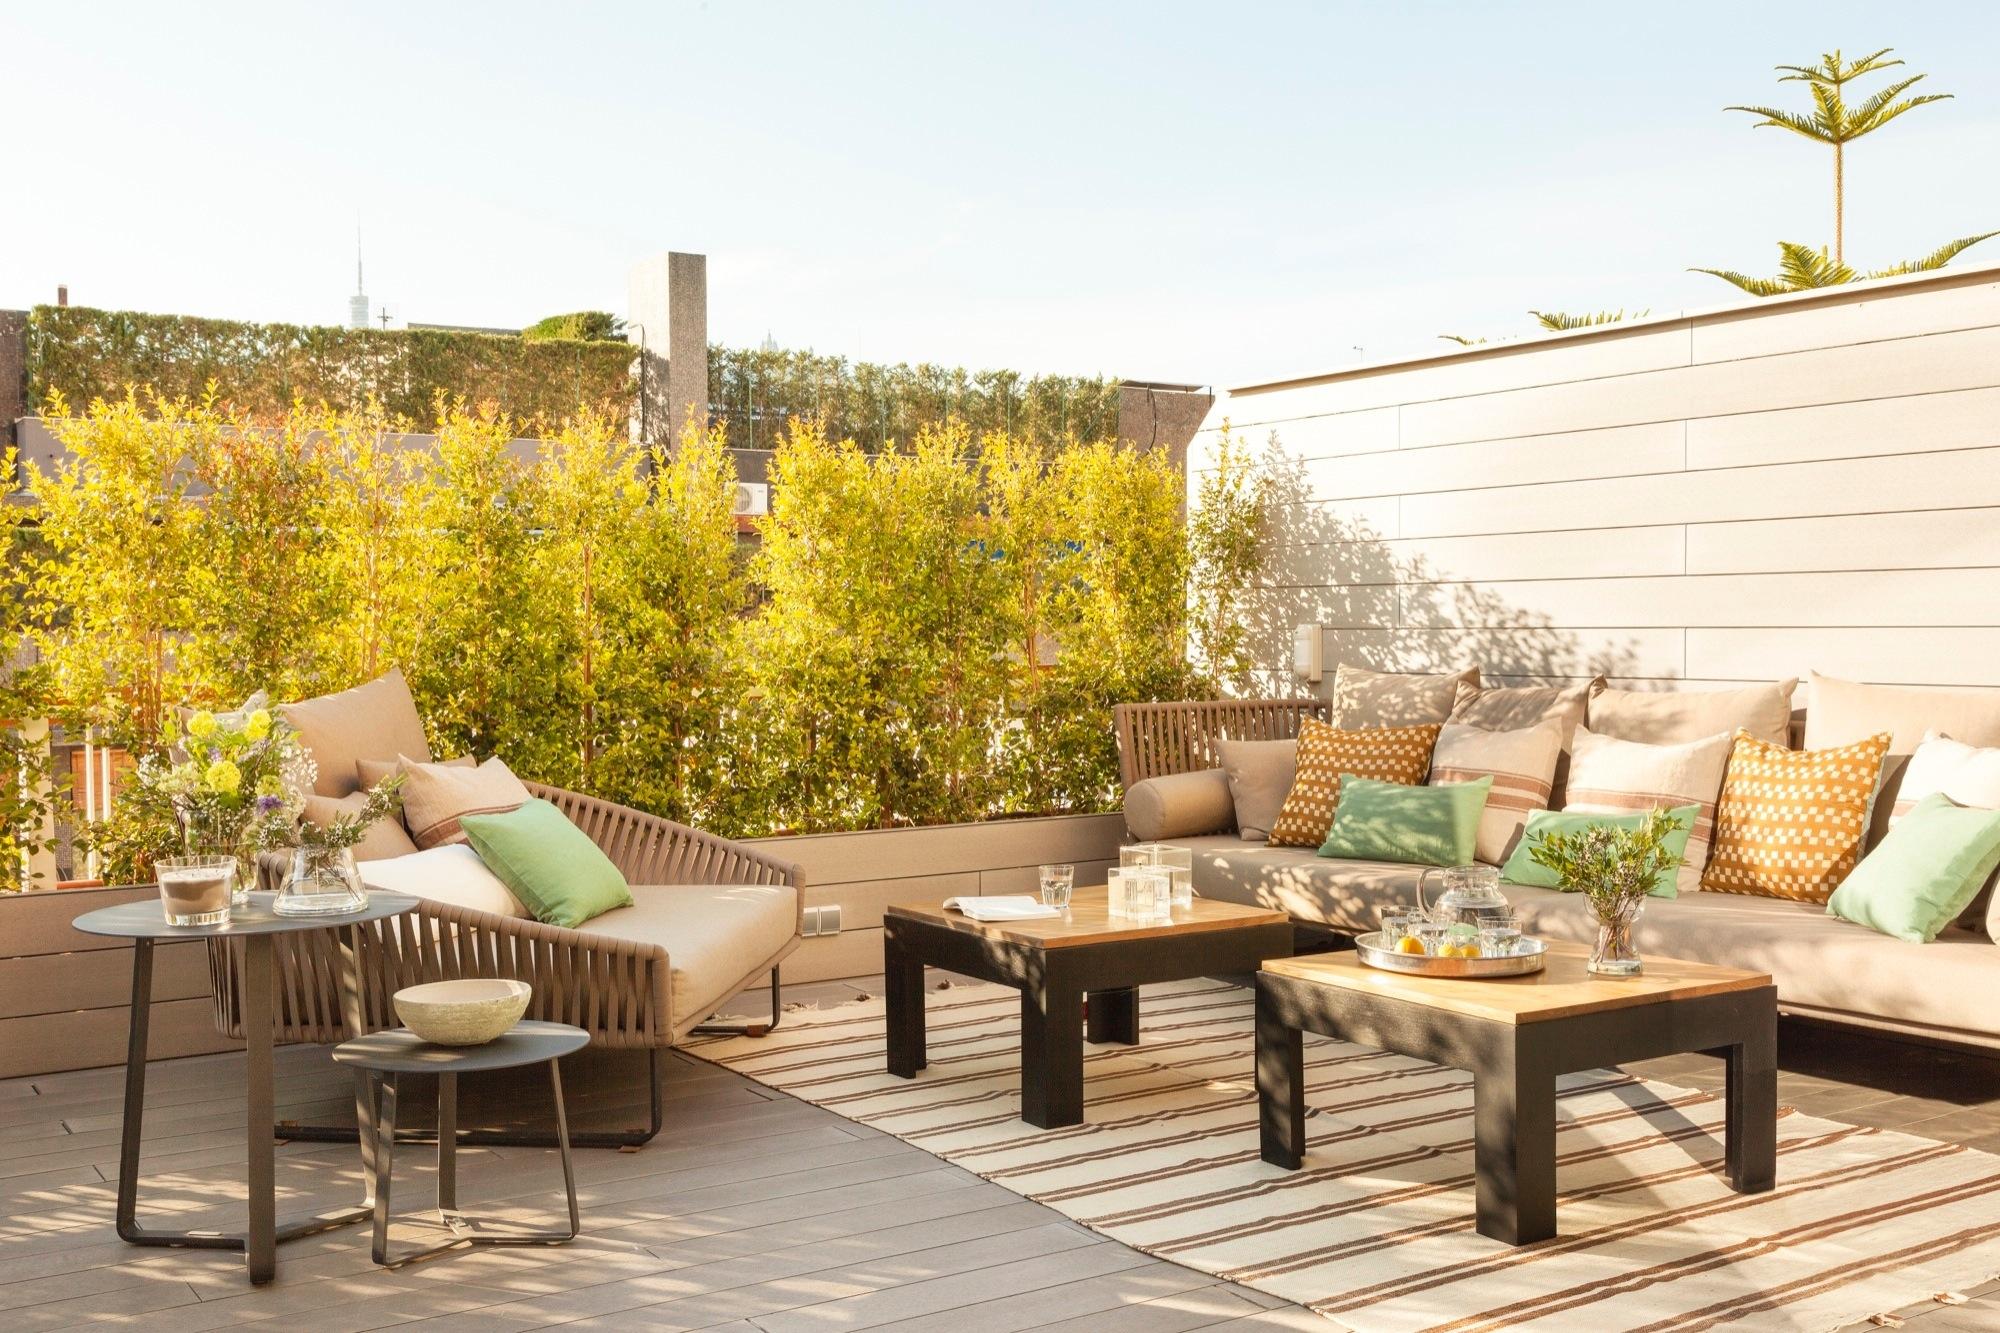 La terraza perfecta que conquist a los due os - Plantas terraza ...